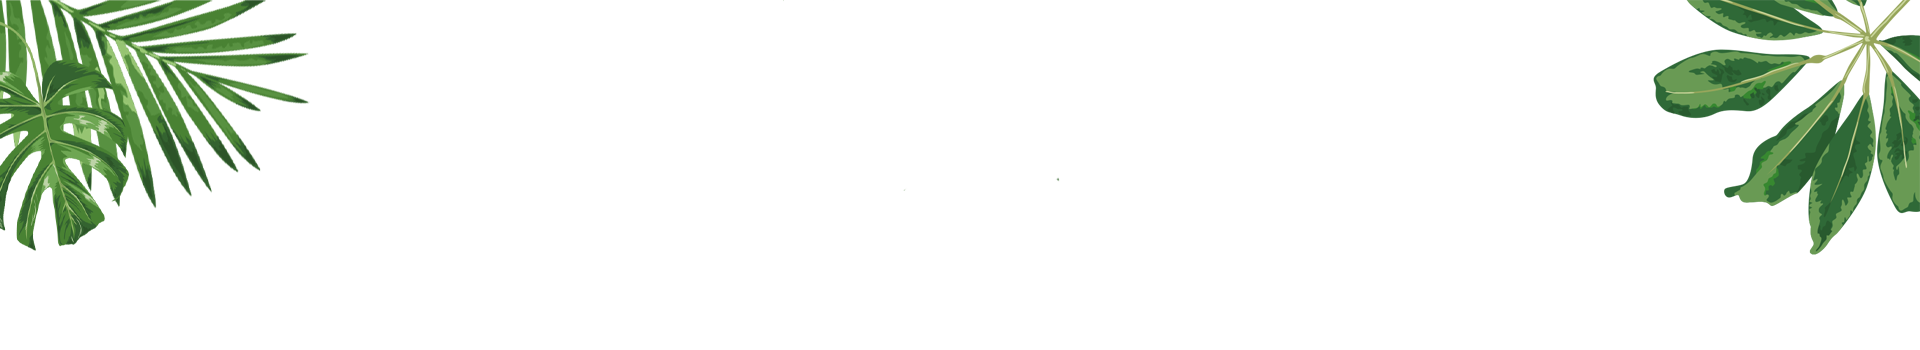 Gelie-Cure System Header-image